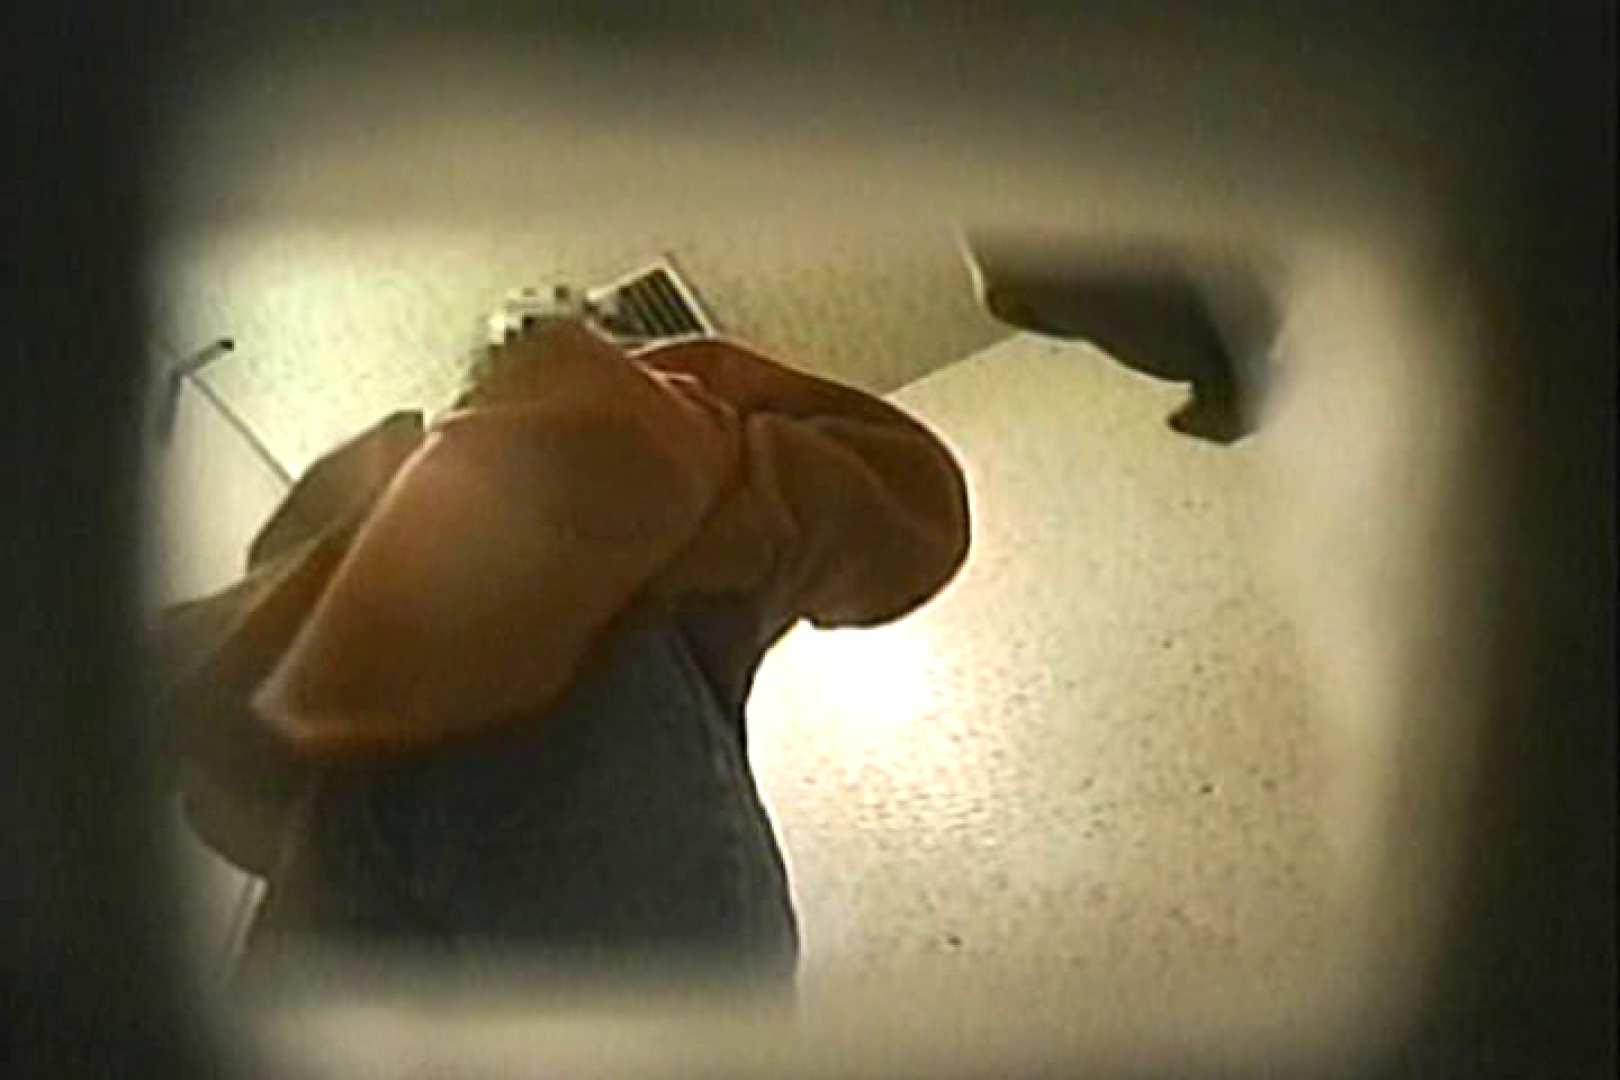 女子洗面所盗撮 今度の2カメは若い子だらけ  TK-127 S級美女ギャル AV無料 91画像 32